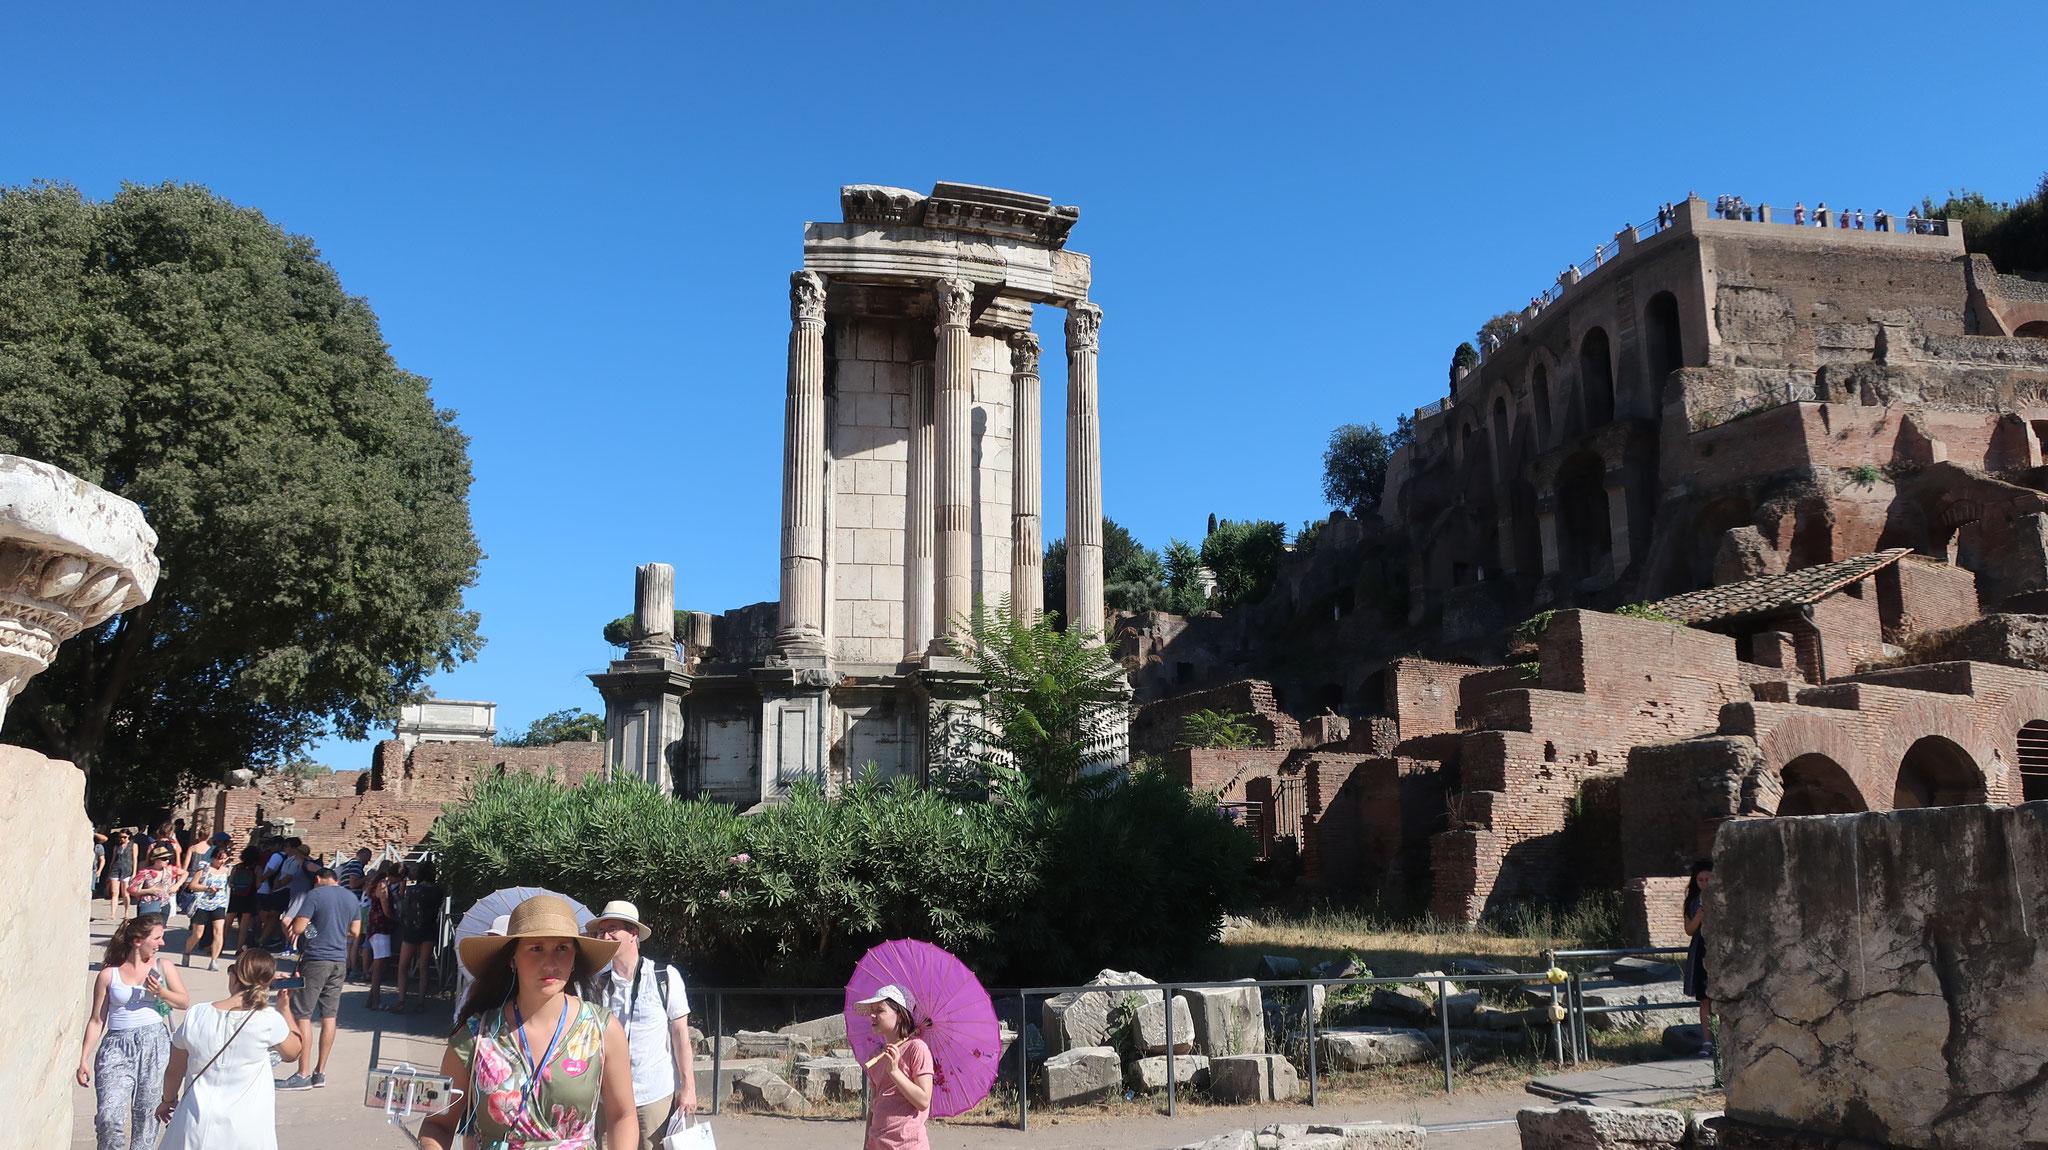 ヴェスタの神殿。「Vesta」は炉とかまどの女神です。 この神殿に燃える火は、ローマの生命を象徴する聖火でした。